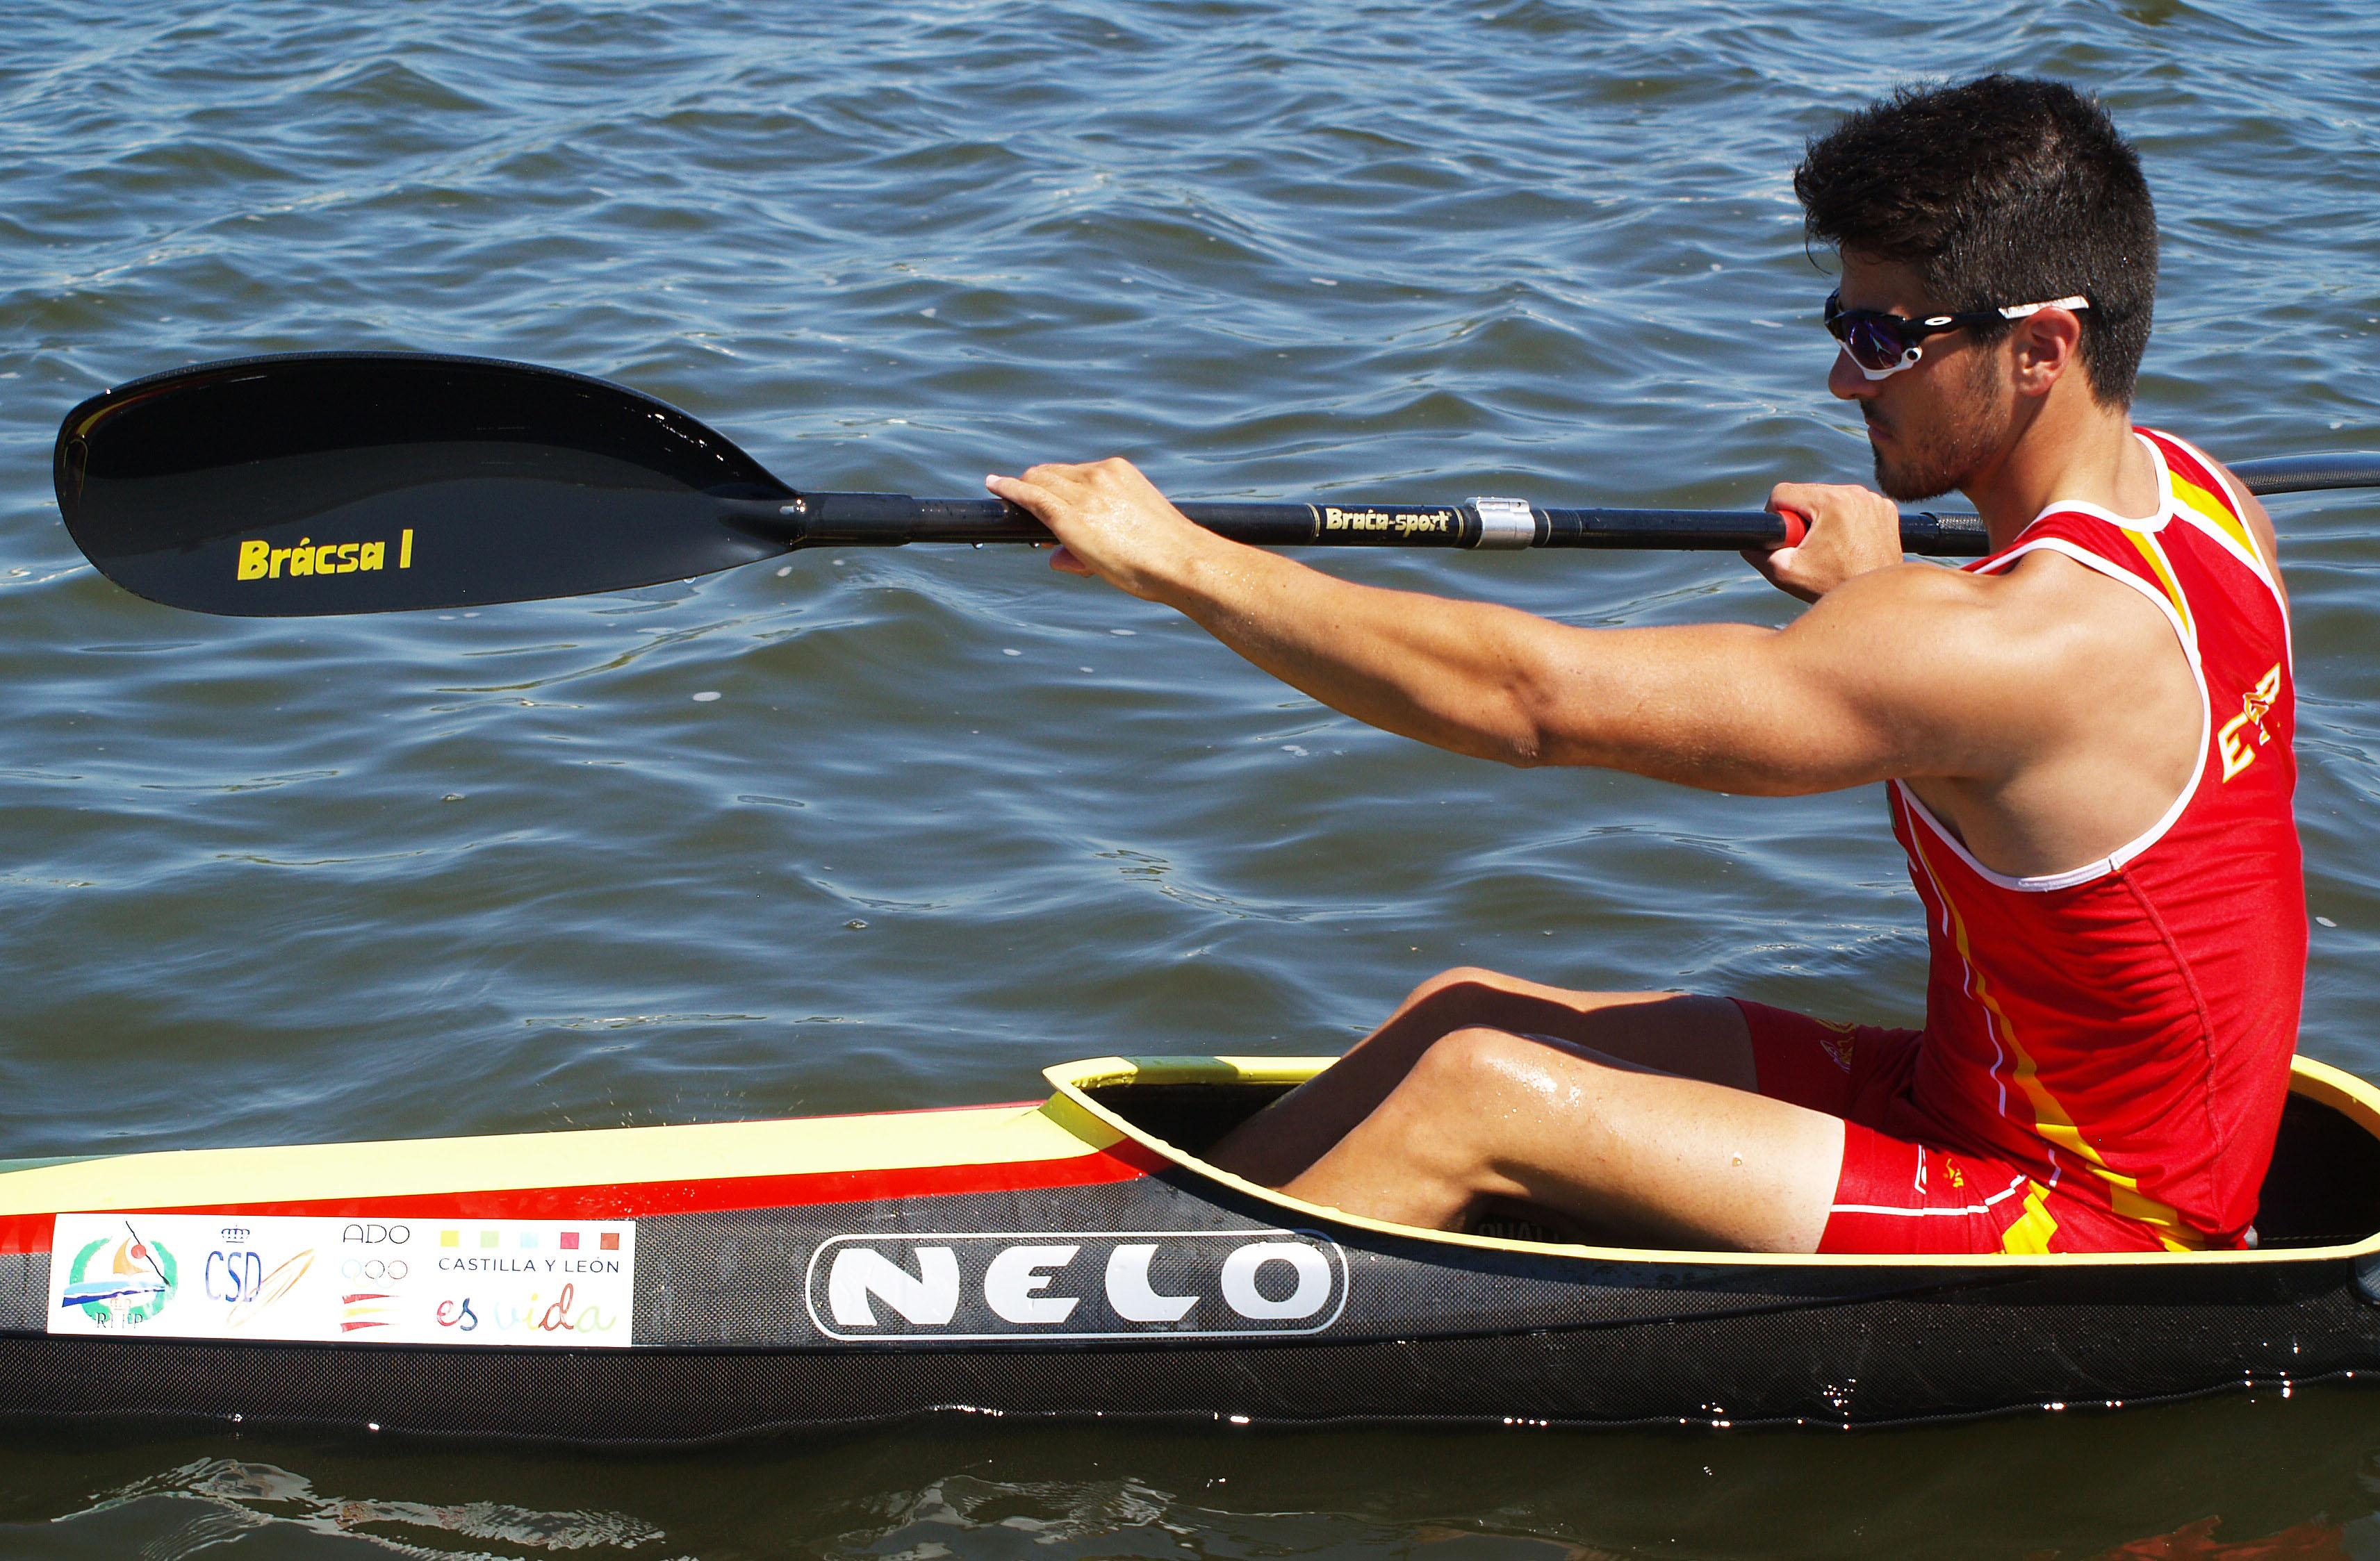 El piragüista español Paco Cubelos durante una competición. Fuente: AD